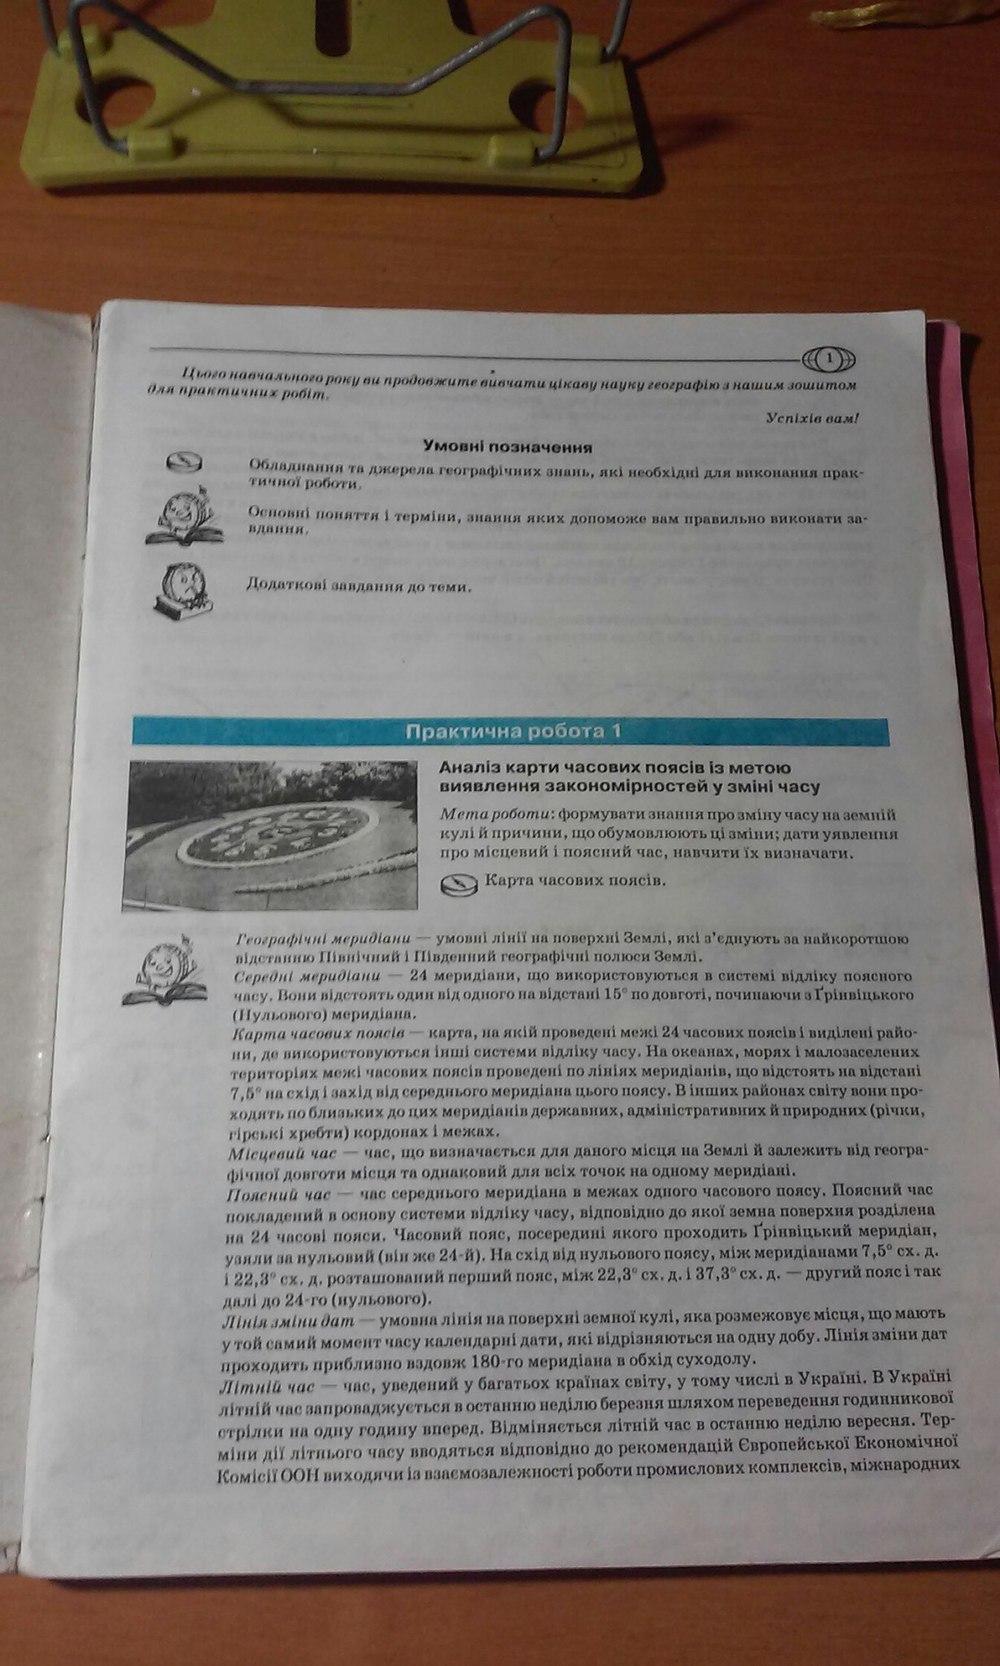 ГДЗ відповіді робочий зошит по географии 7 класс О.Г. Стадник. Задание: стр. 1